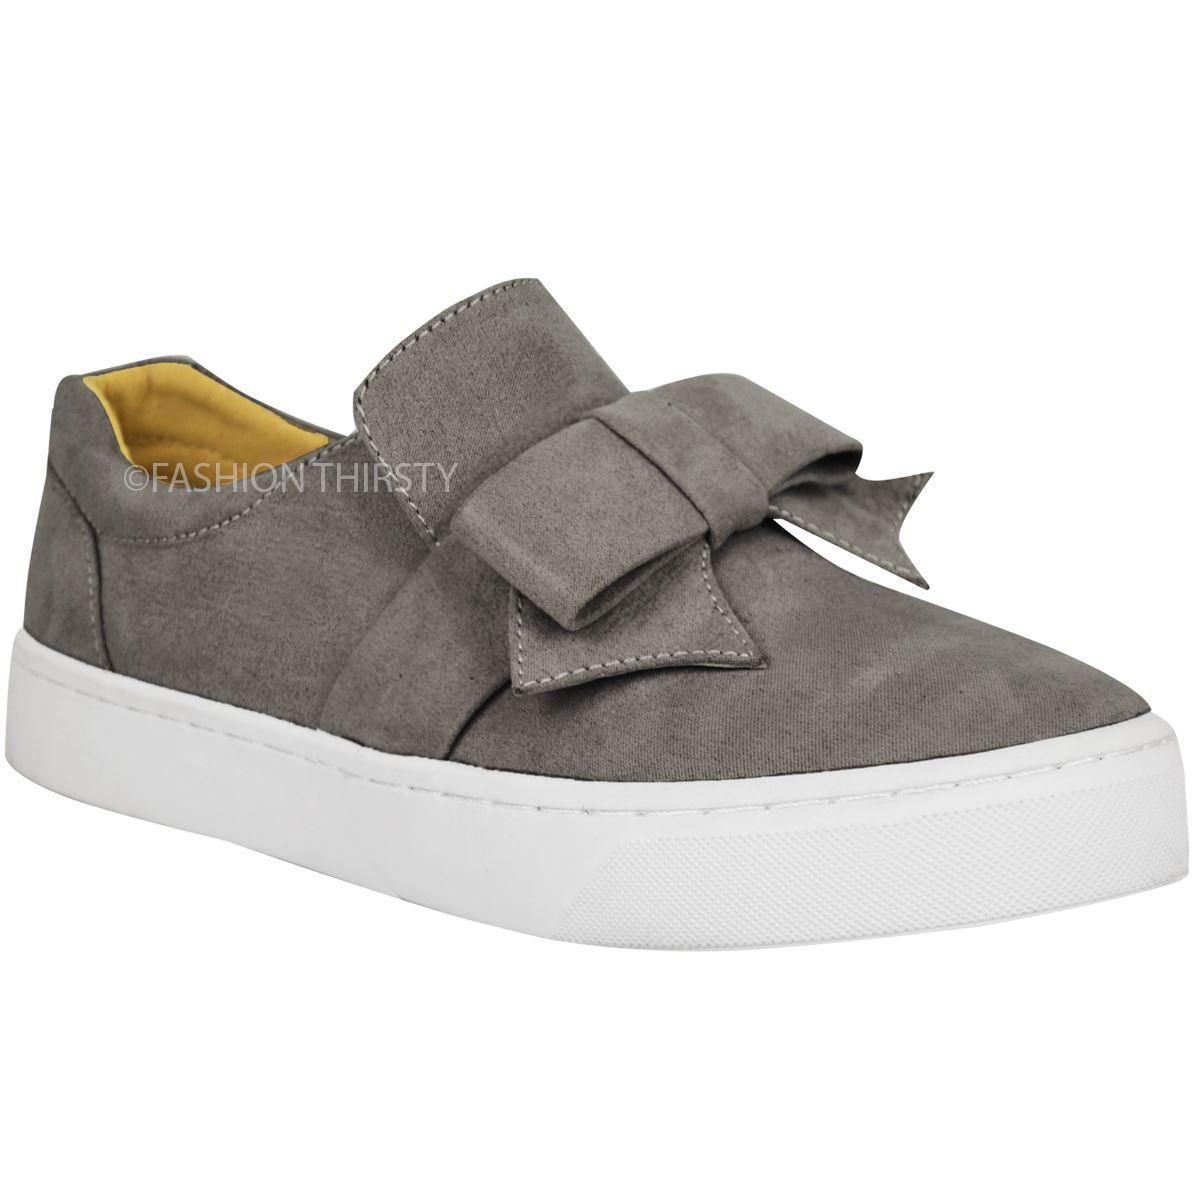 Aa Ladies Shoes Uk